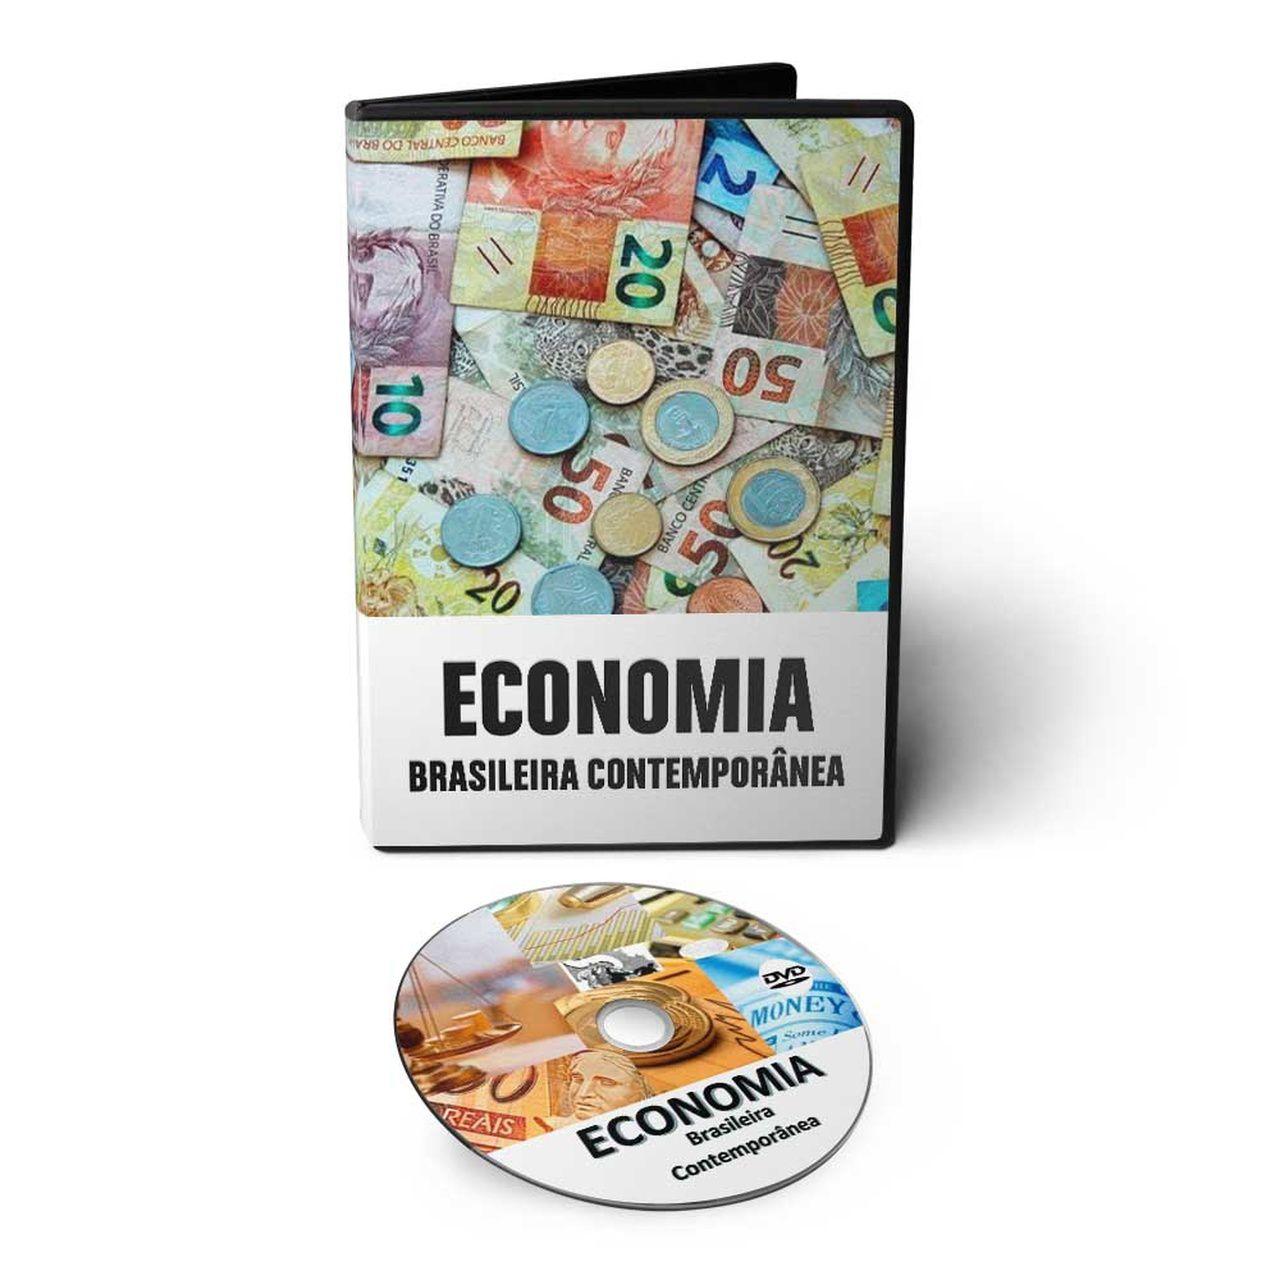 Curso de Economia Brasileira Contemporânea em DVD Videoaula